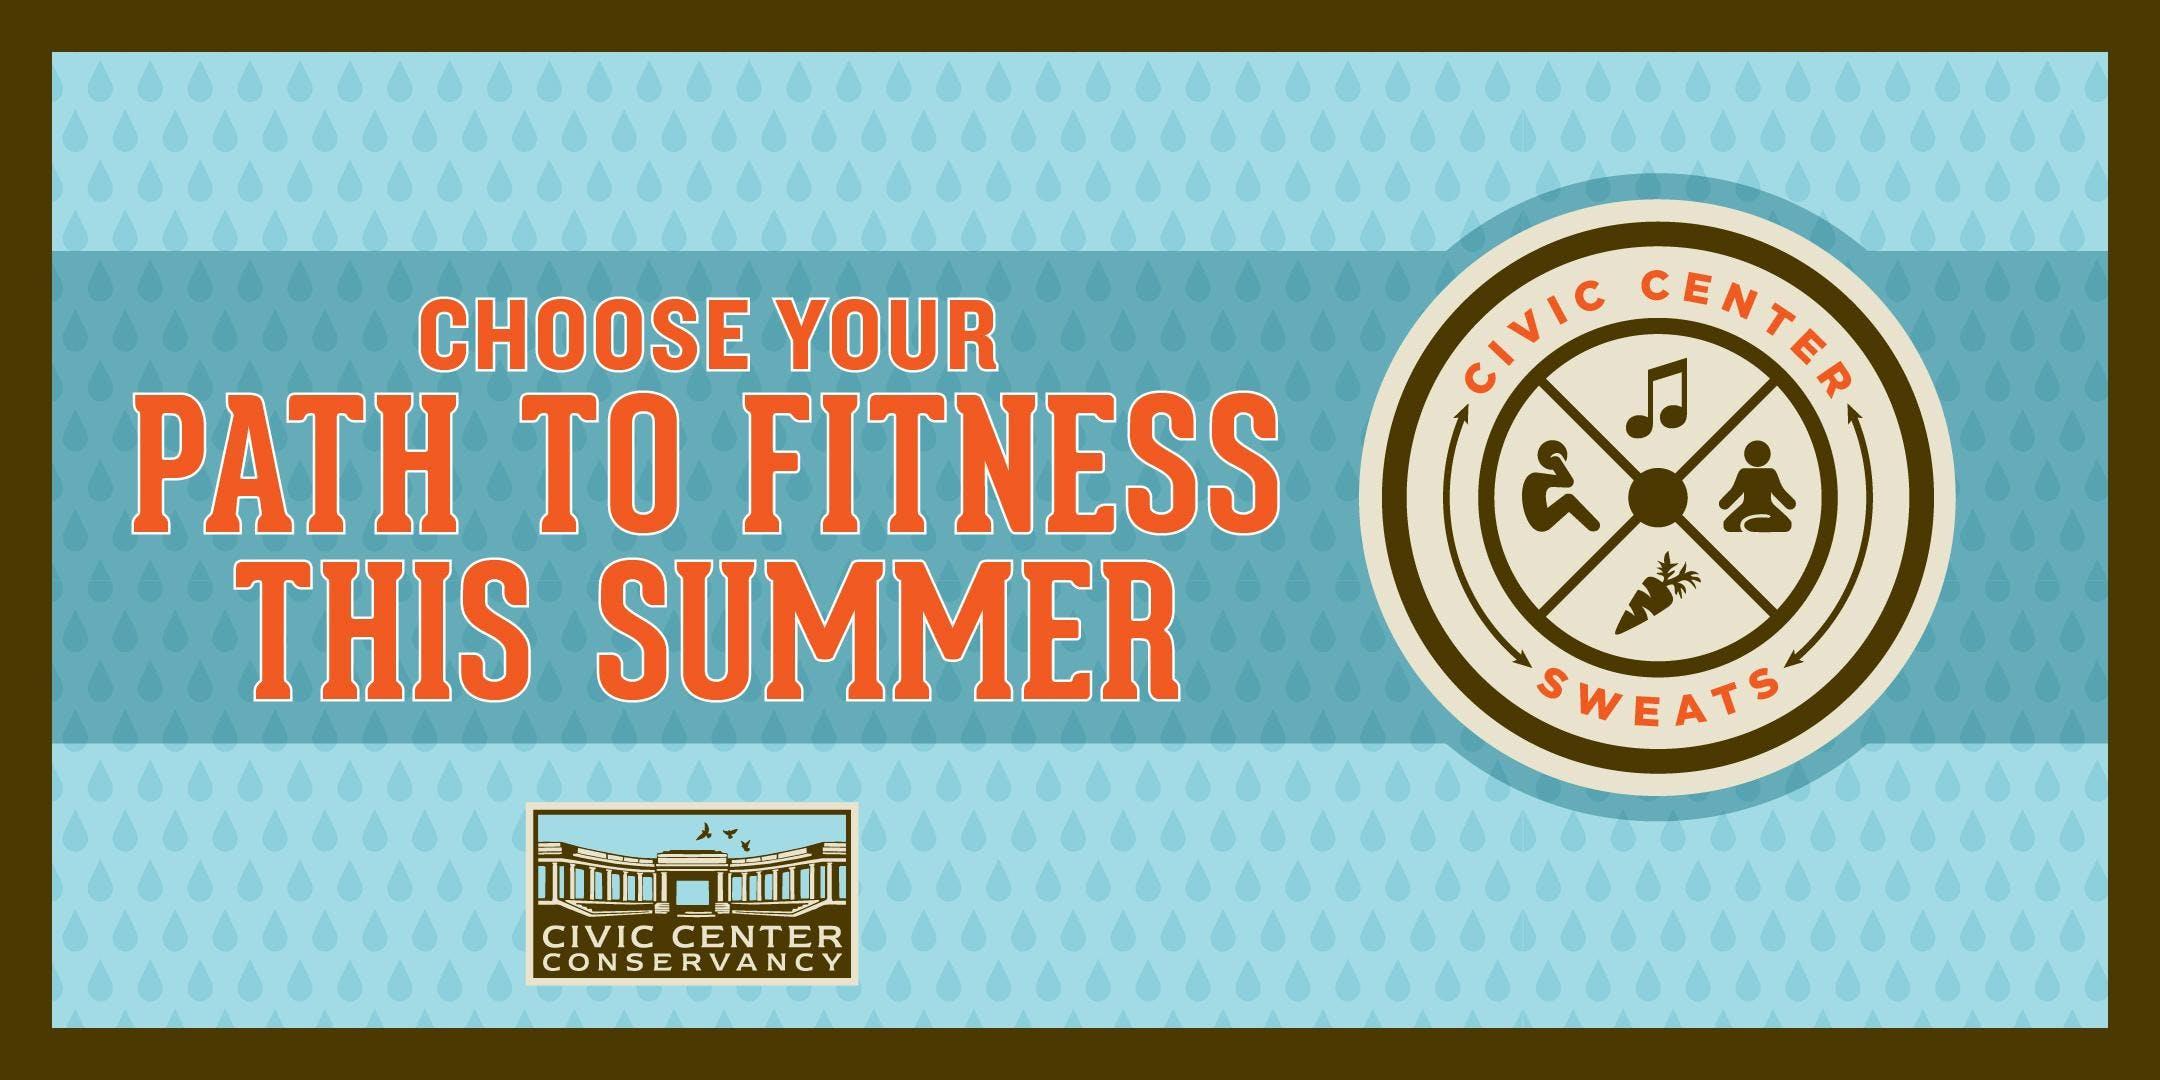 Civic Center SWEATS - Summer Fit Fest